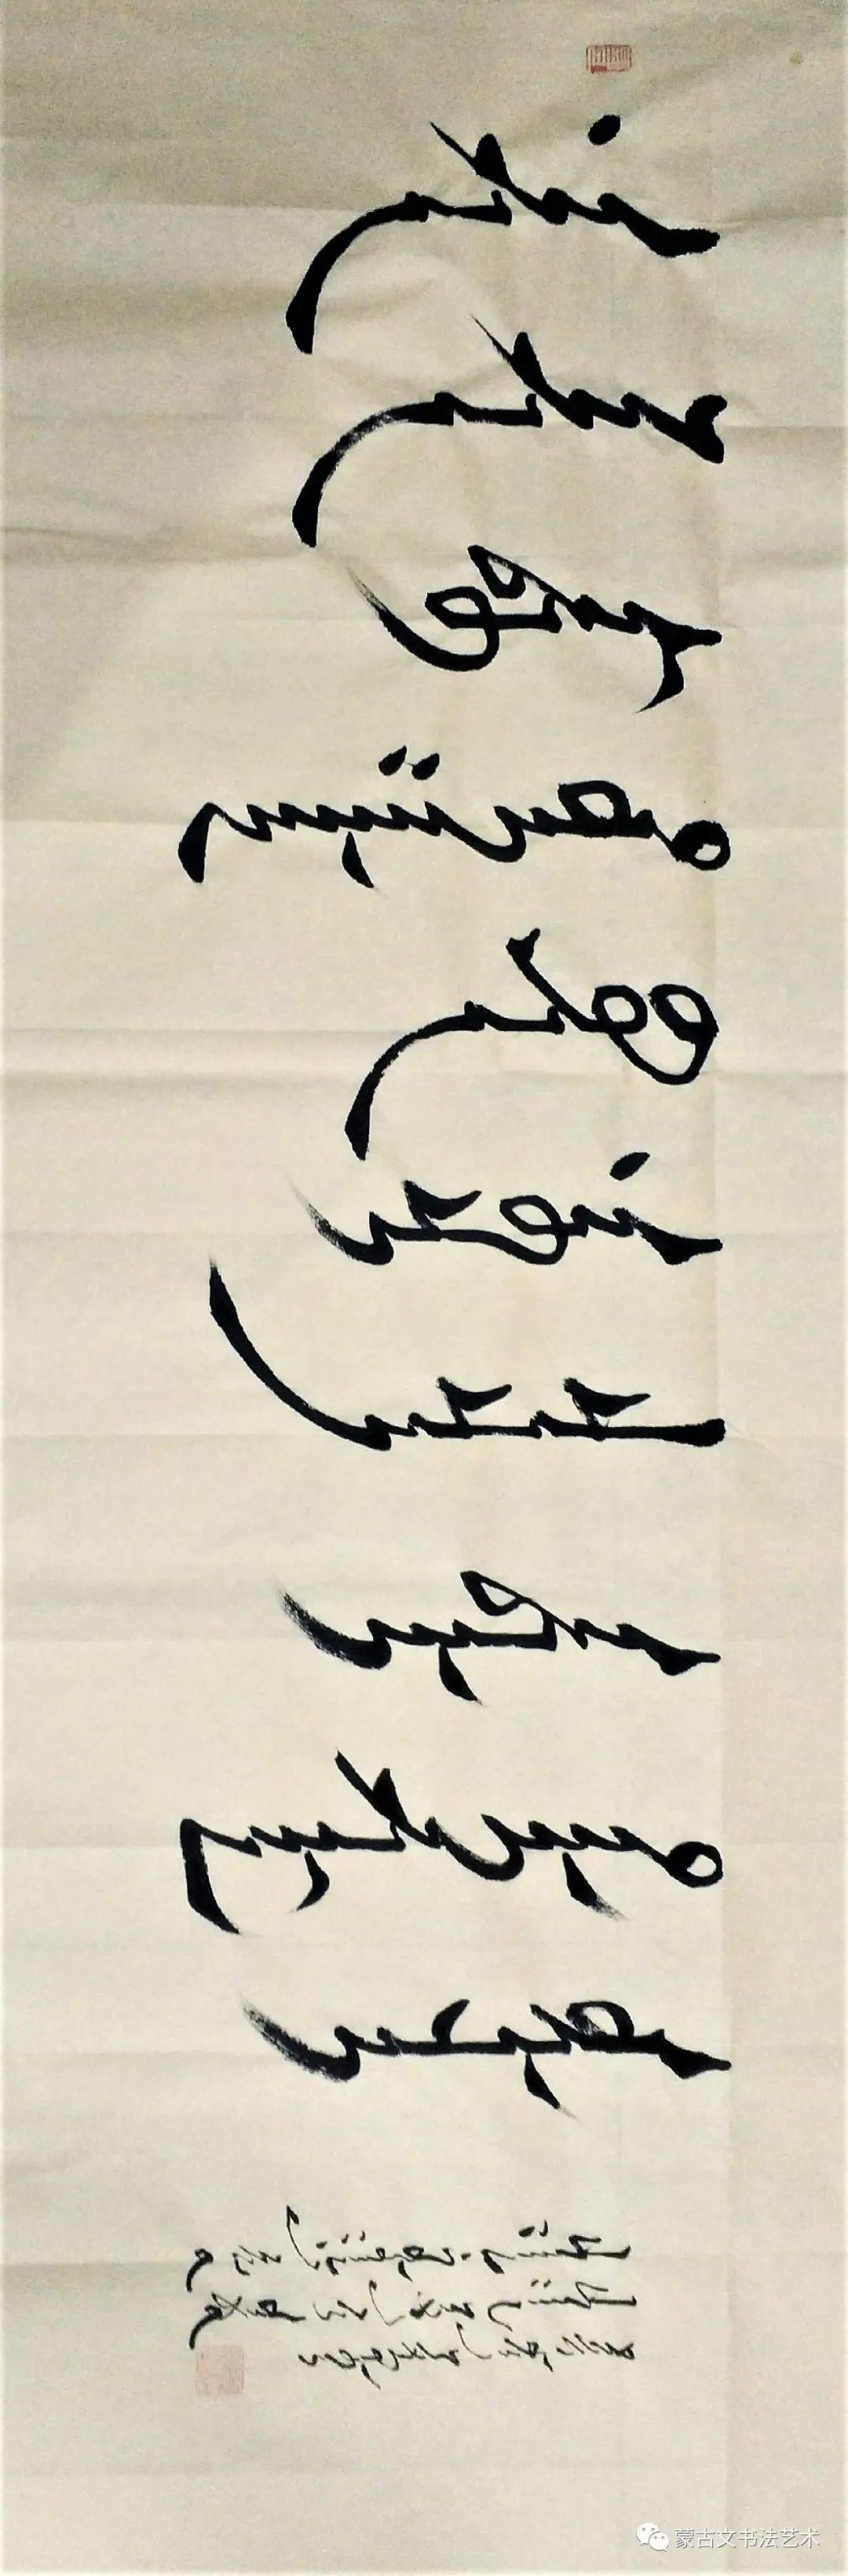 铁龙蒙古文书法 第7张